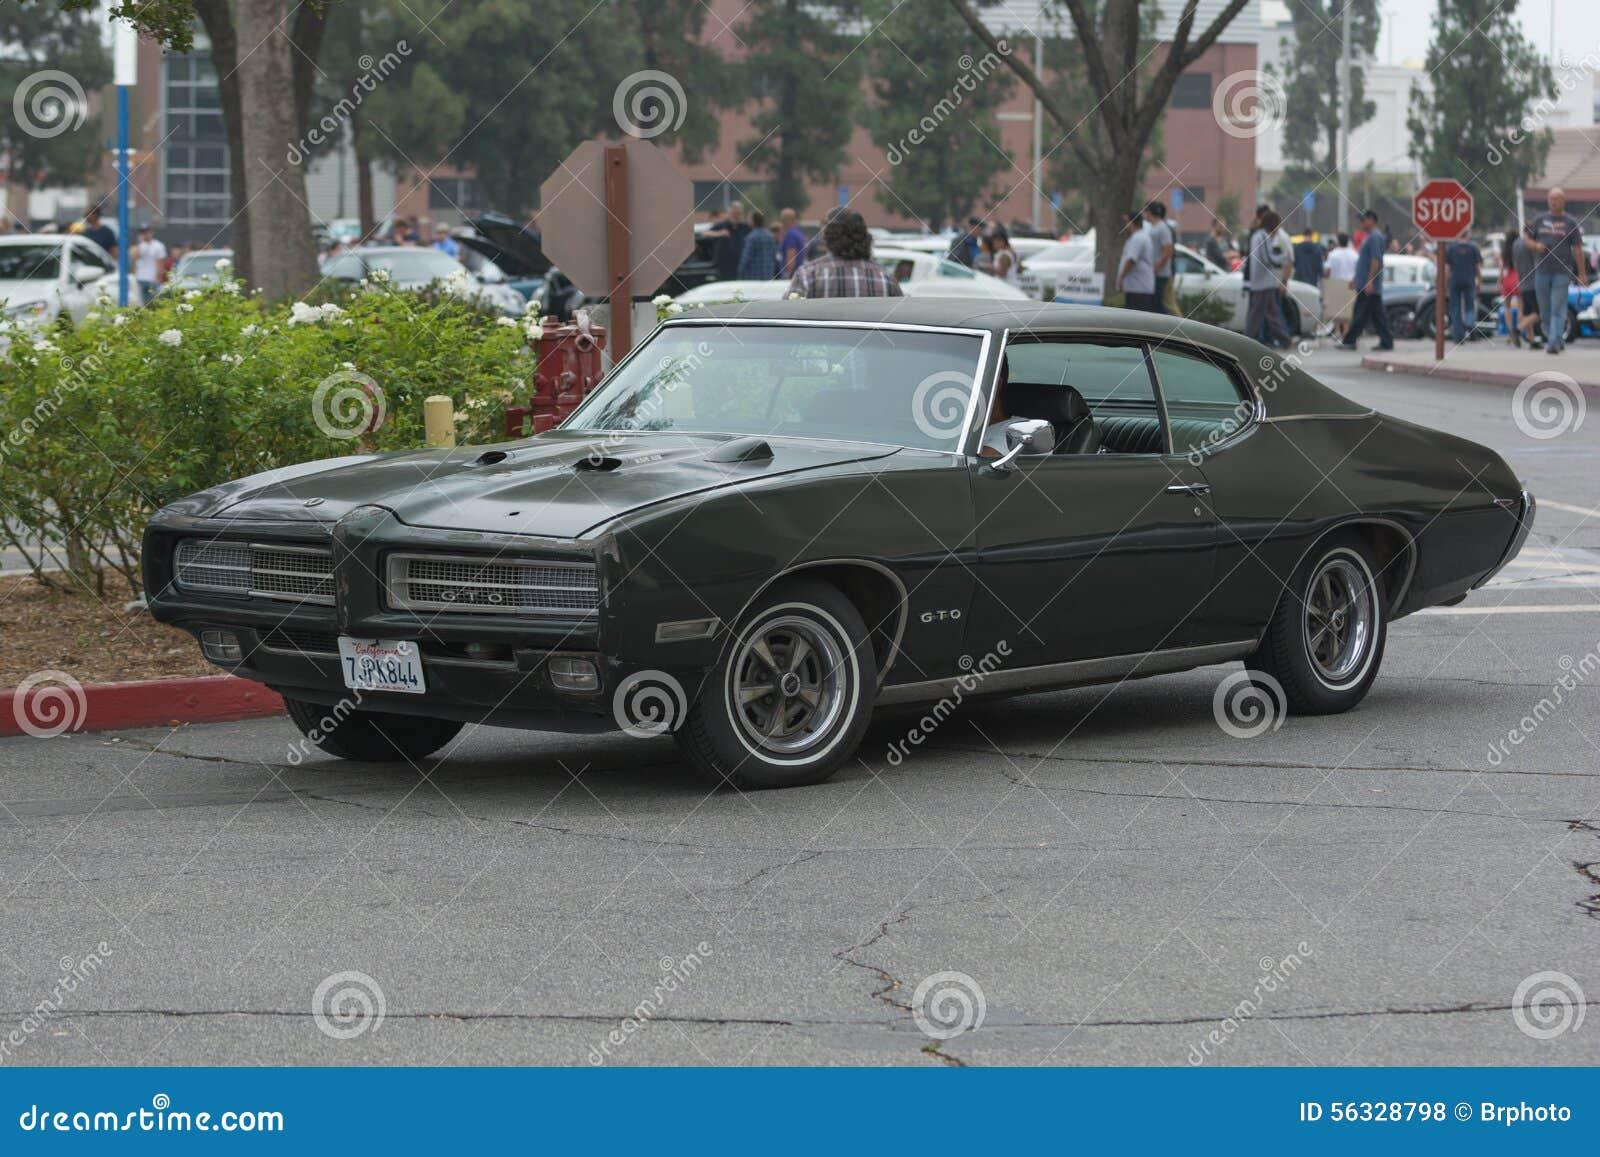 Pontiac Gto 2015 >> Pontiac Gto Car On Display Editorial Stock Photo Image Of